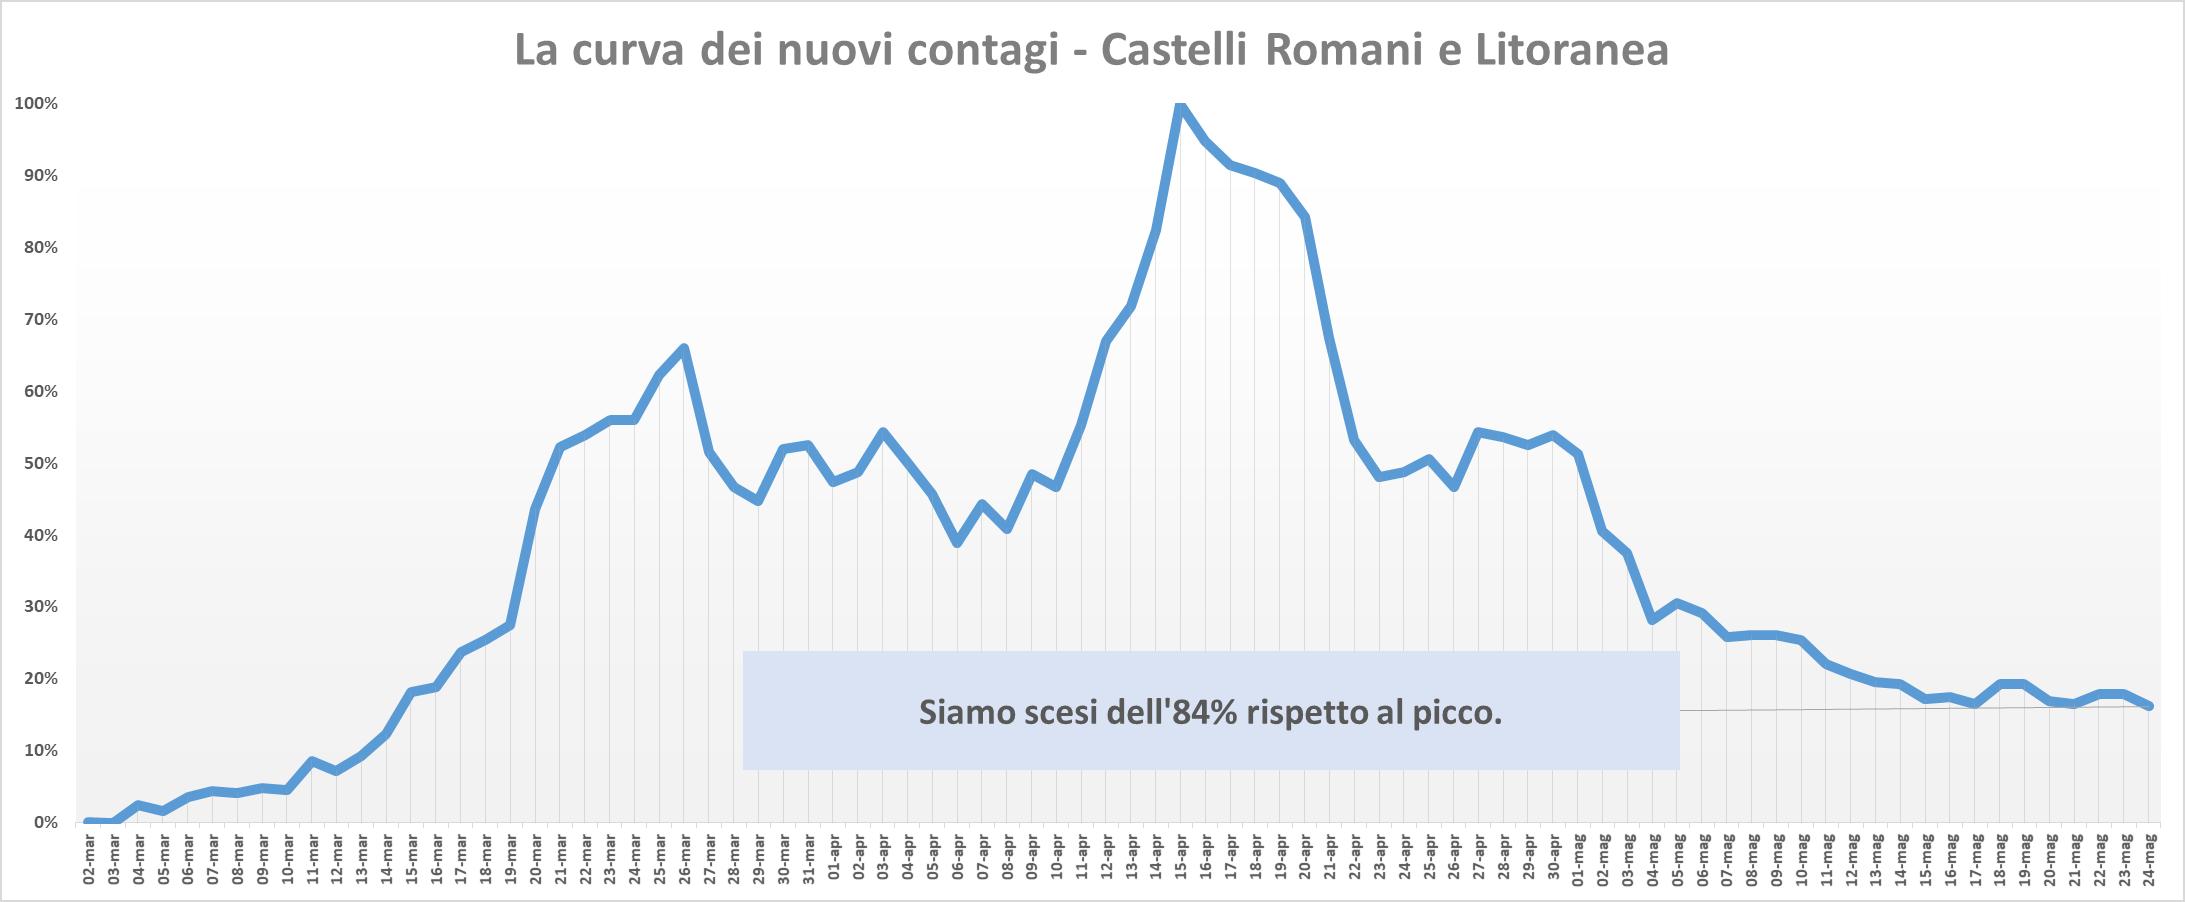 Coronavirus nel Lazio, trend nuovi contagi fermo allo 0.2%.